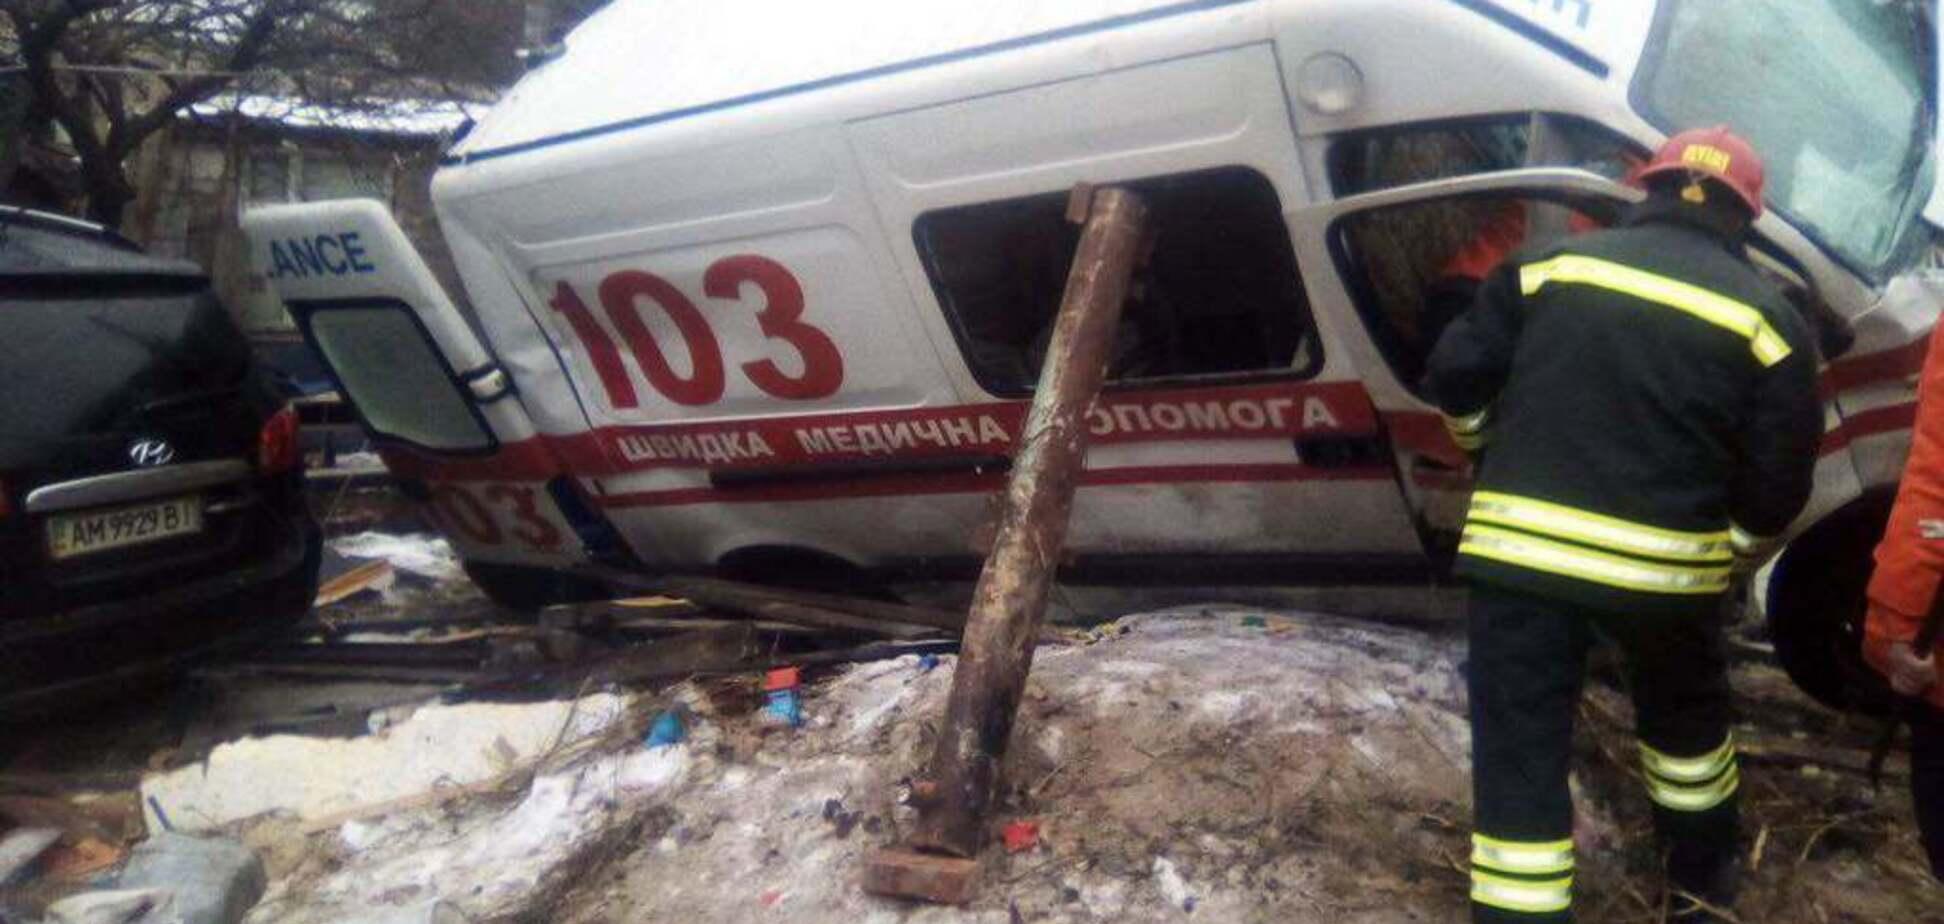 Влетіла в будинок: у Житомирі ''швидка'' потрапила в жахливу ДТП. Фото і відео з місця аварії